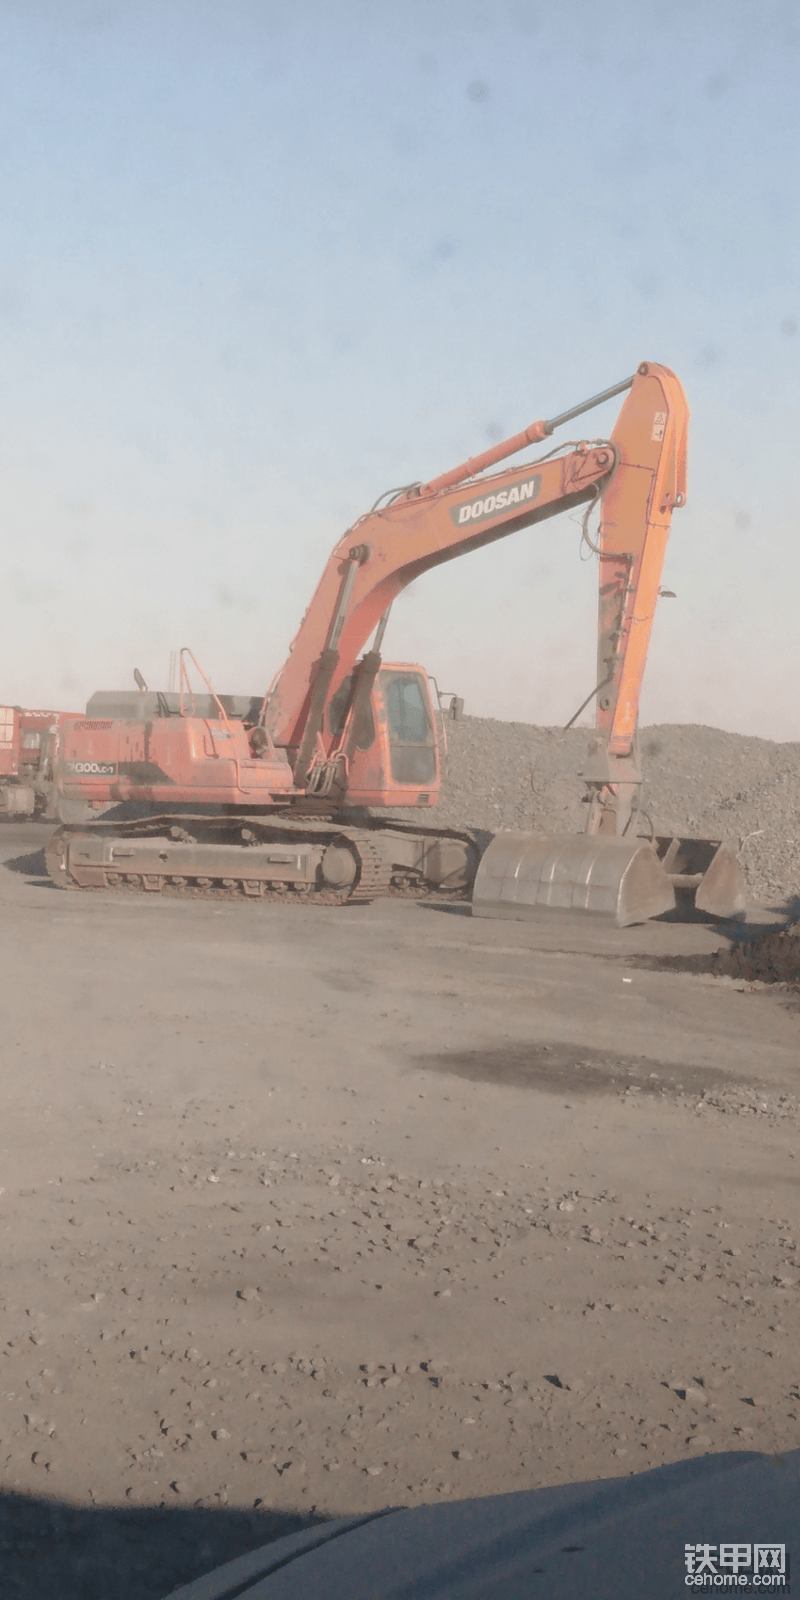 内蒙古二连浩特招聘挖掘机司机月薪7000元-帖子图片